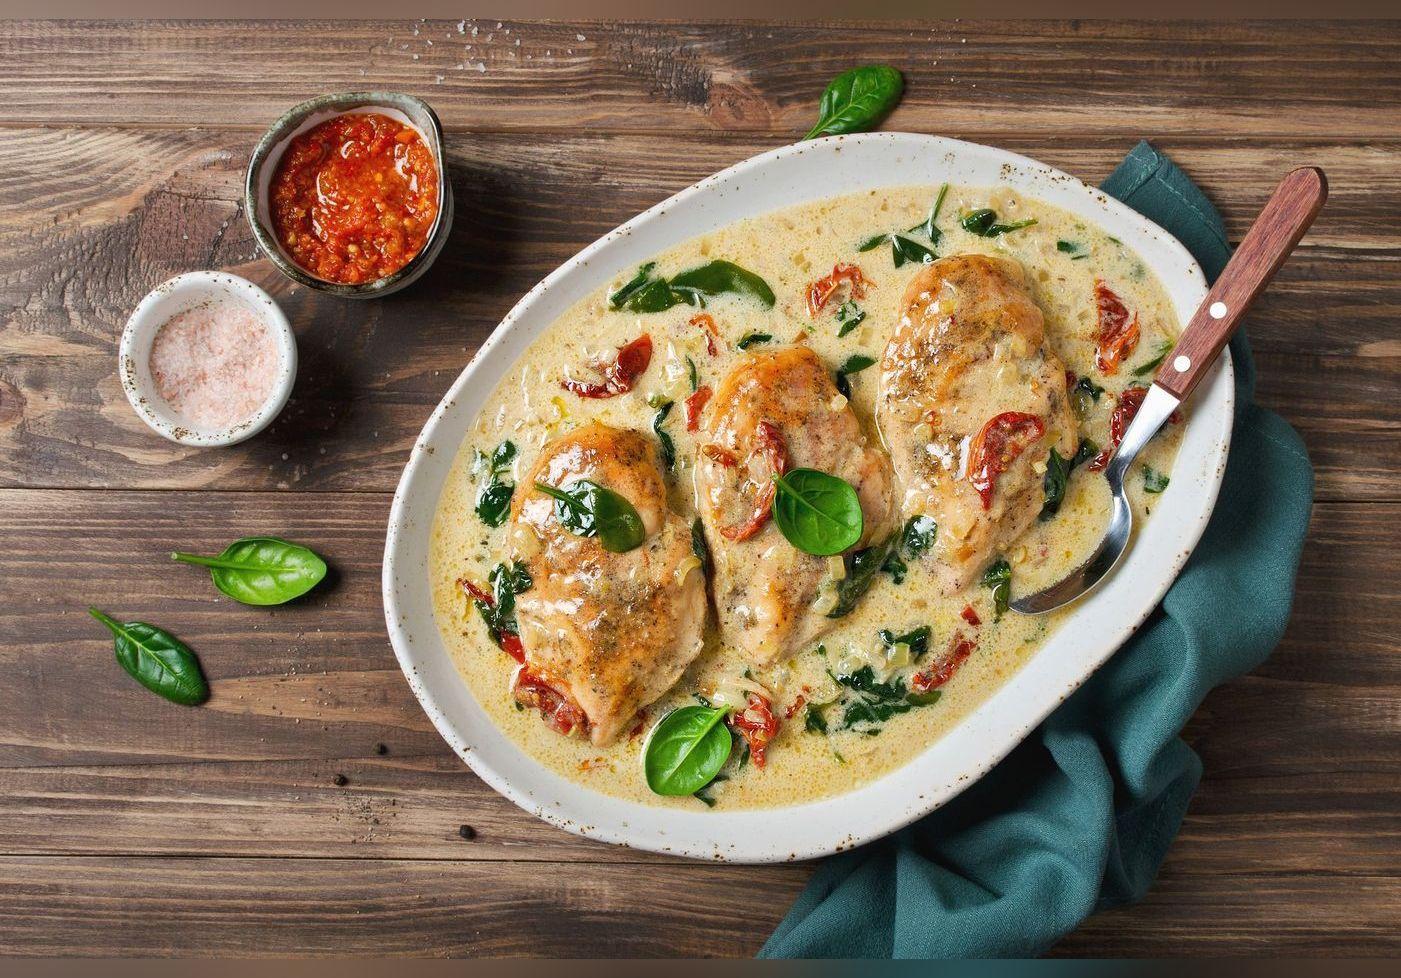 Cette technique pour cuire votre poulet va vous étonner. Le résultat est juste incroyable.